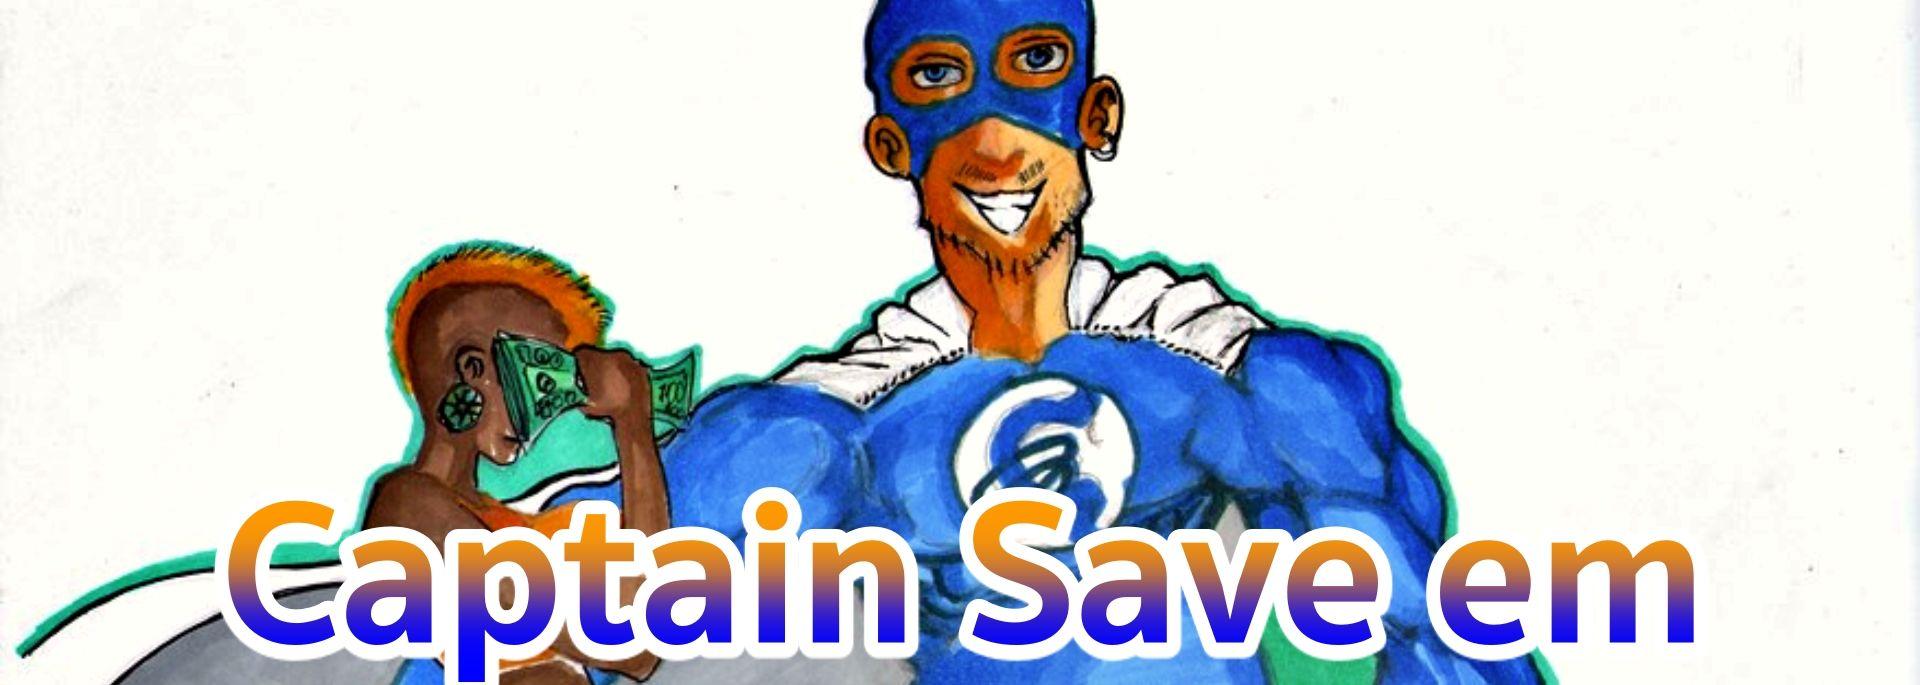 Captain Save em channel